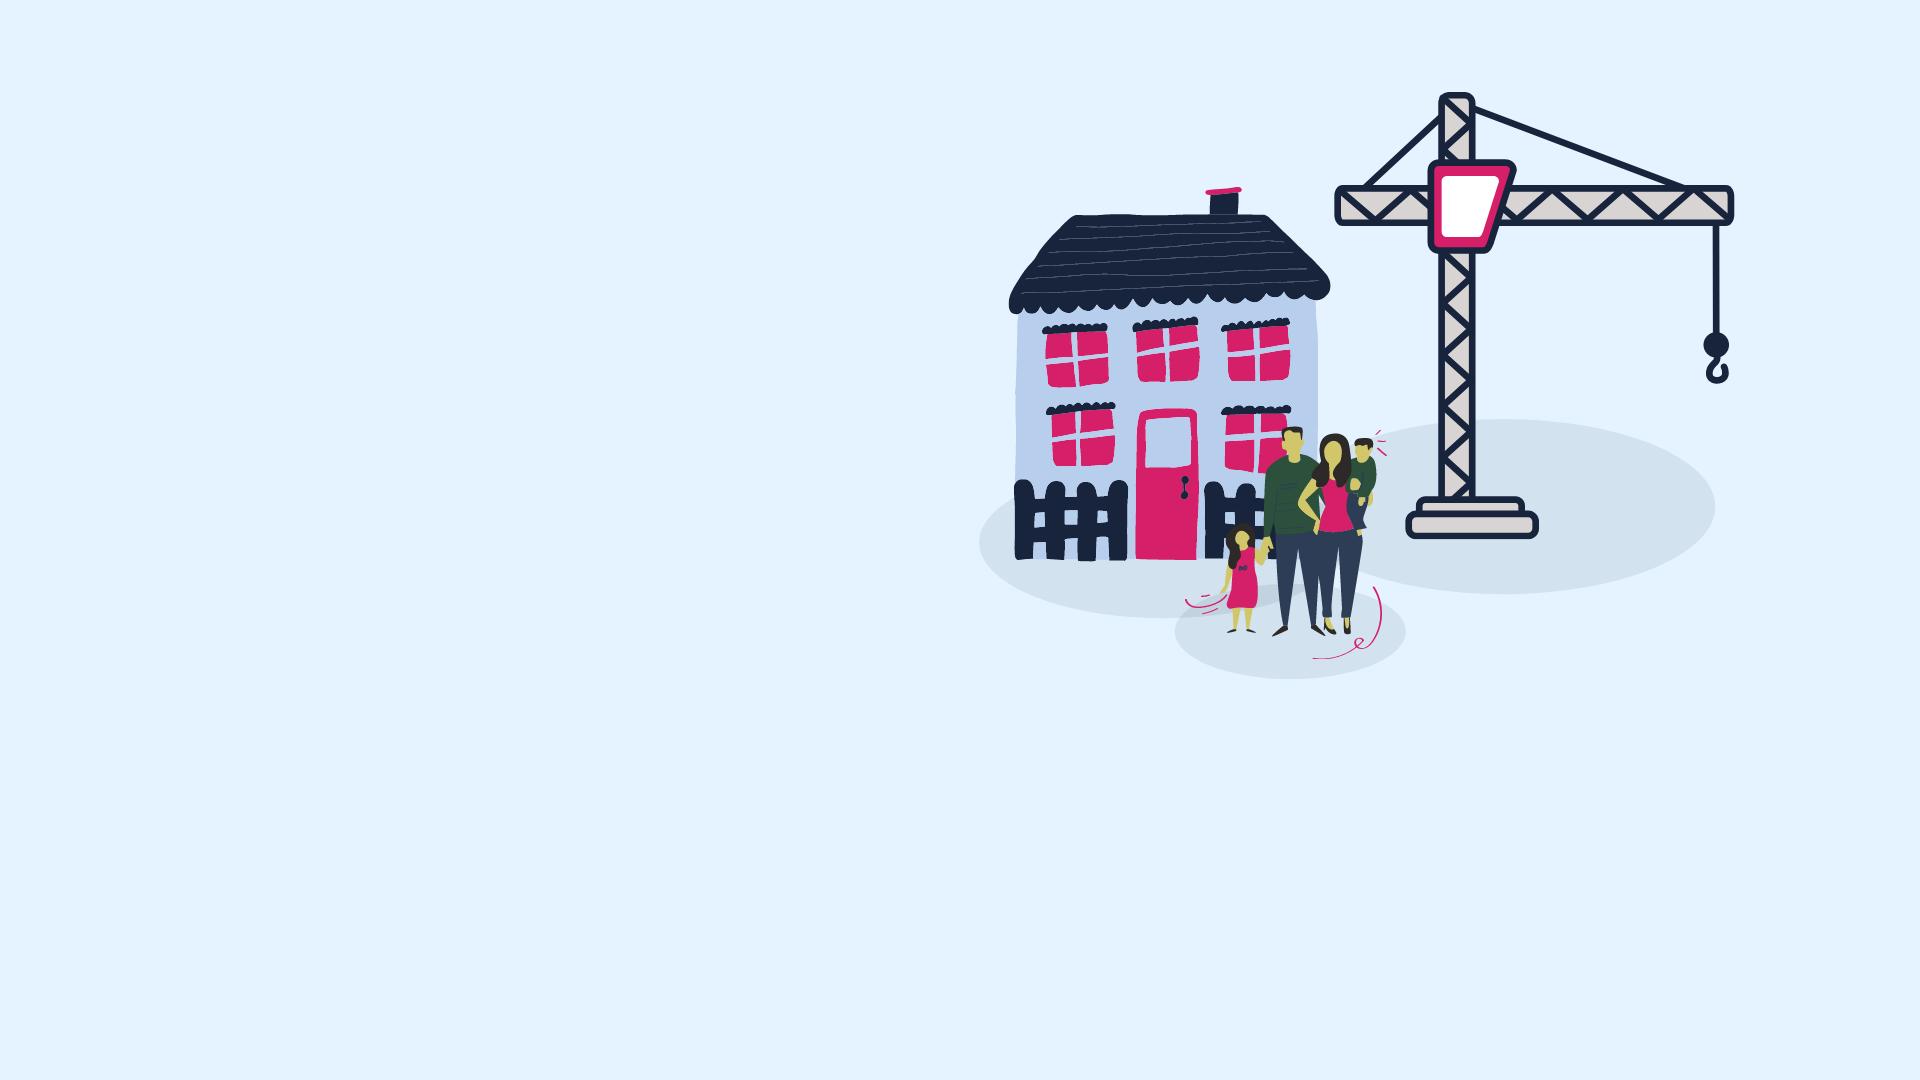 Bilan 2020 : plus de 38 000 logements et places d'hébergement gérés et 59 000 ménages logés ou hébergés